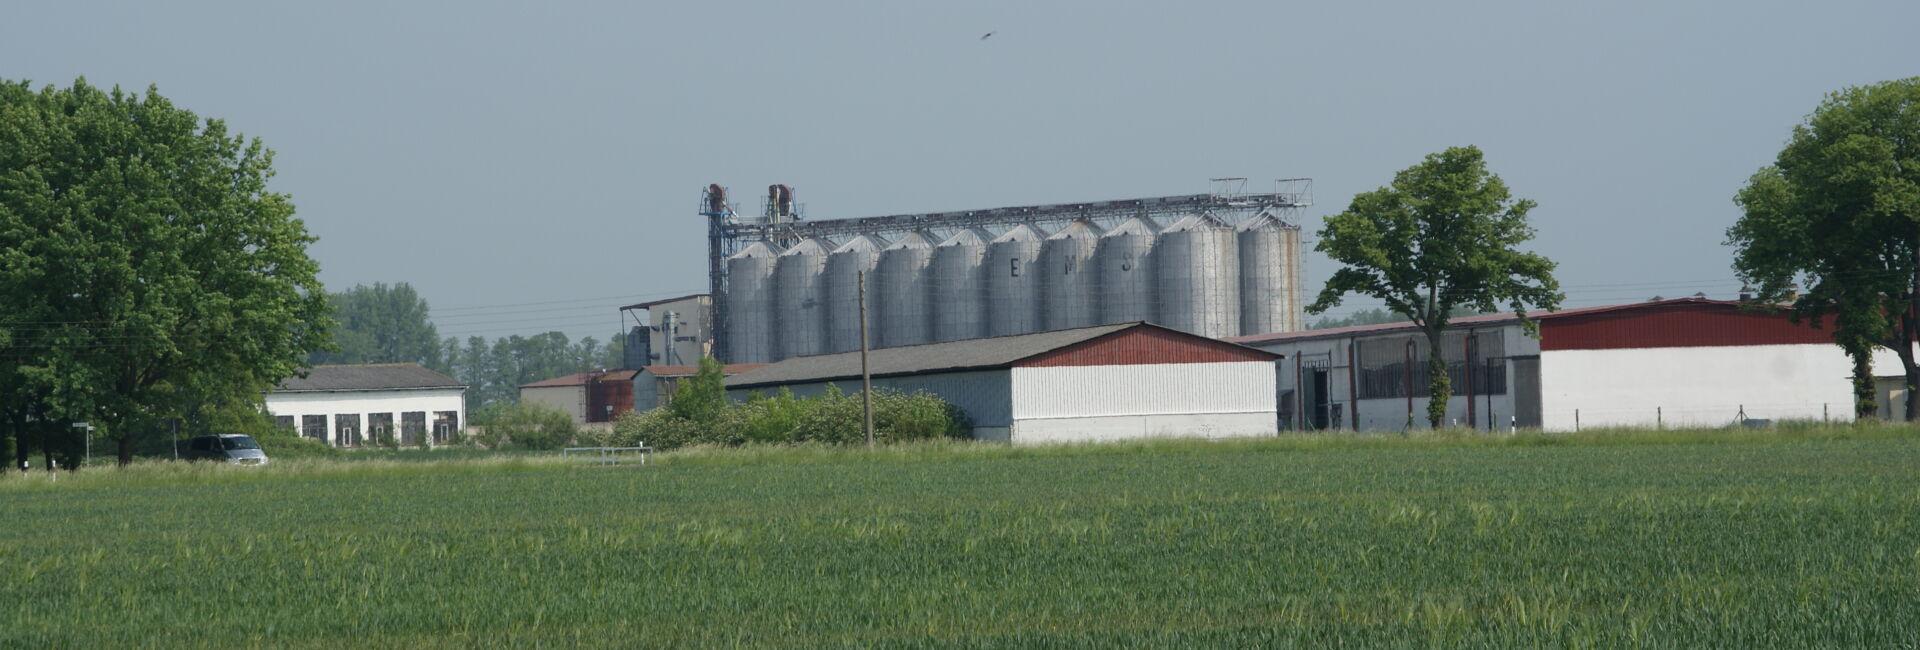 Getreidespeicher in Golzow